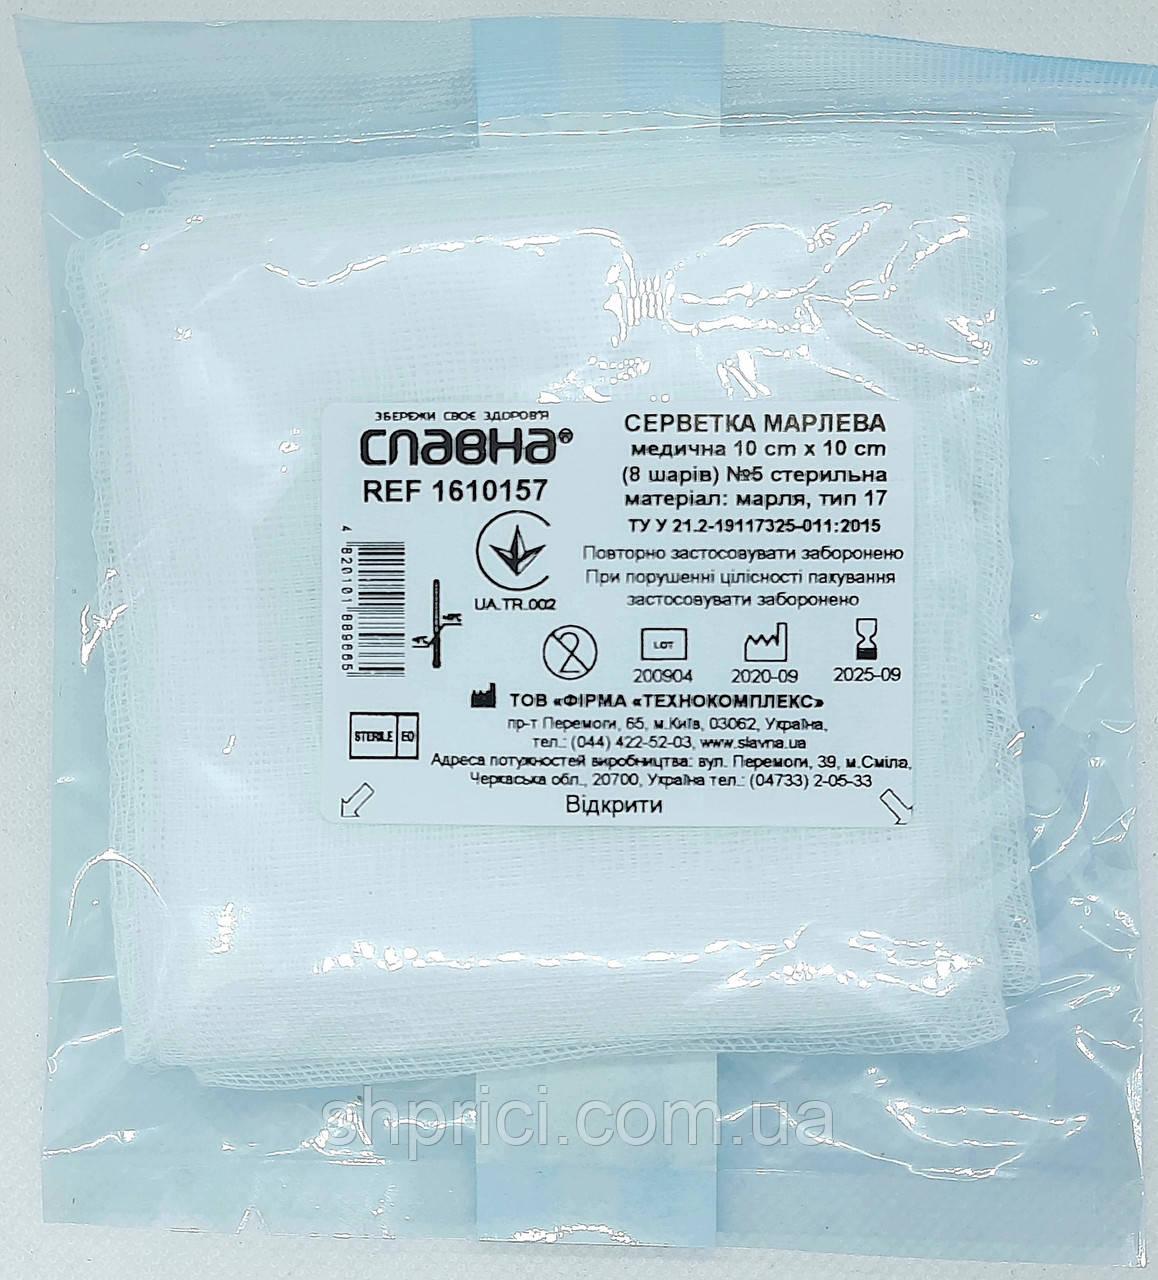 Салфетки марлевые стерильные 10х10, 8 слоев, упаковка 5 шт./ Славна/ Технокомплекс